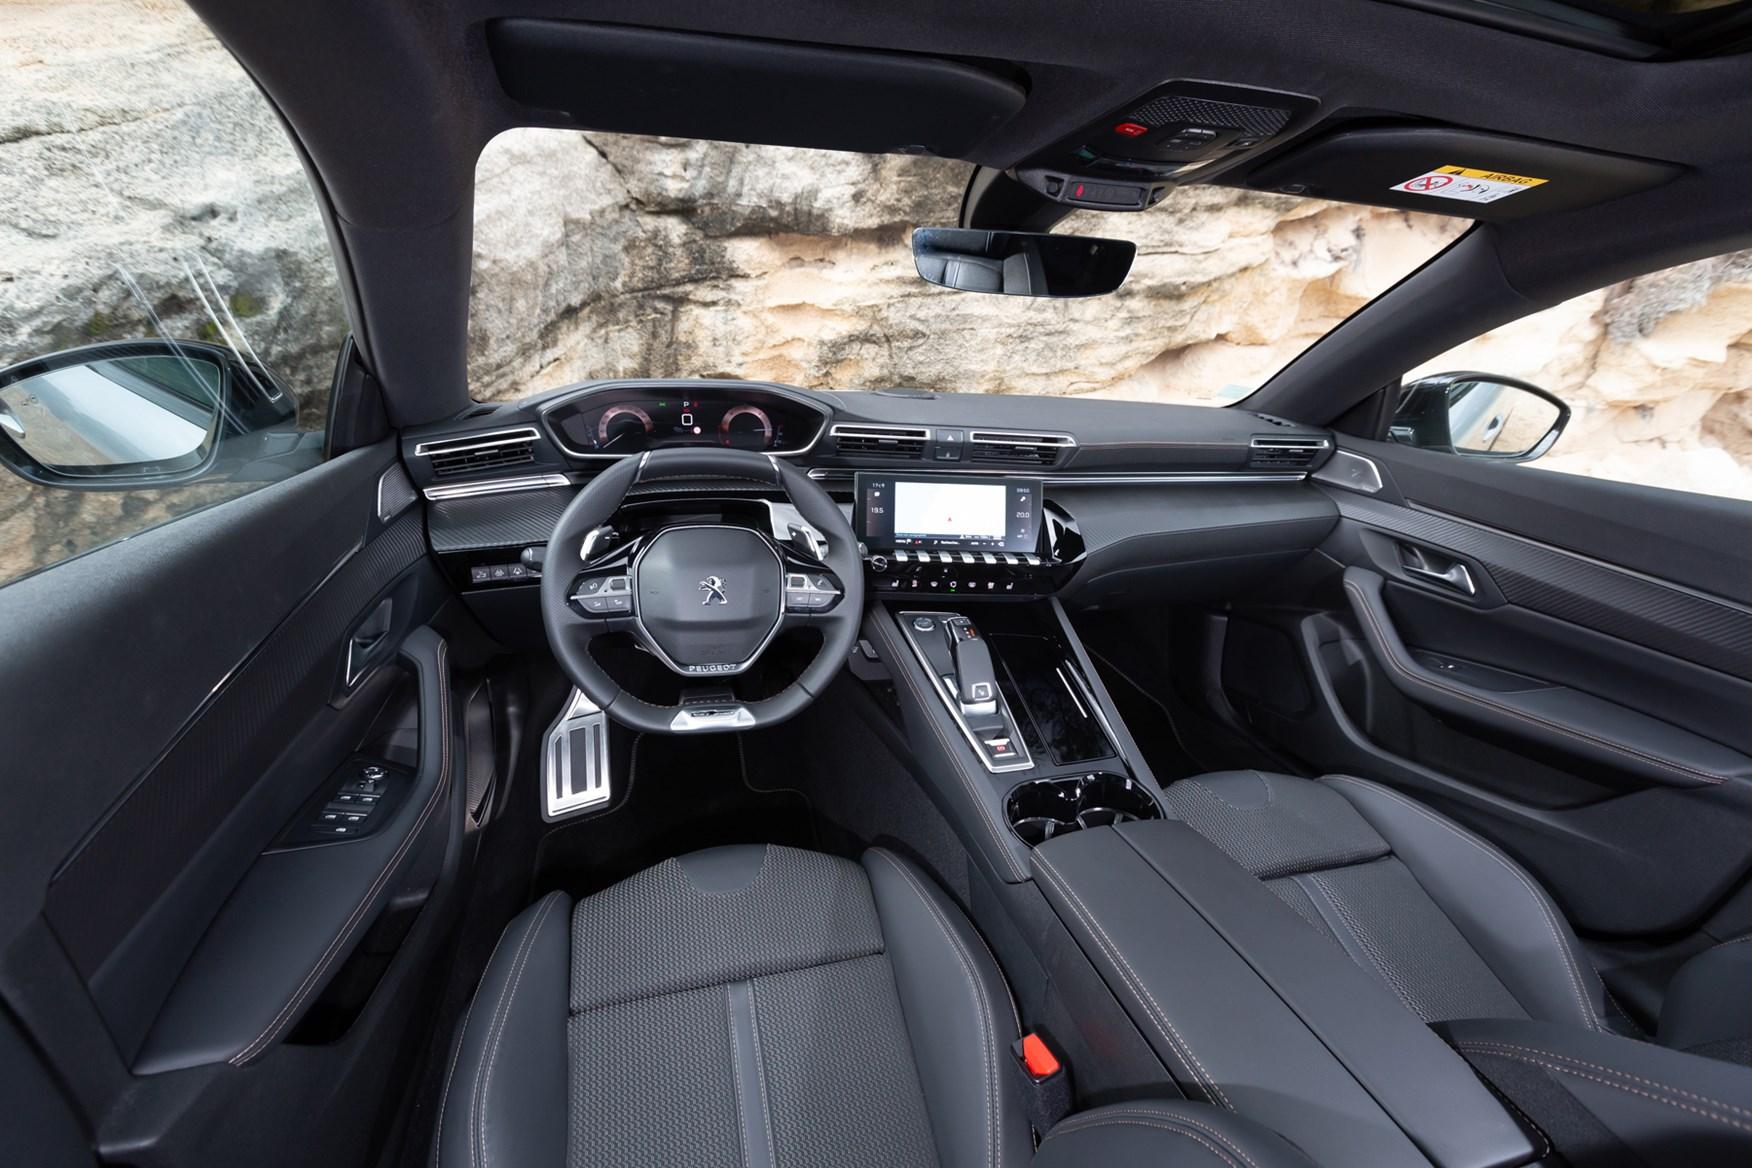 2019 Peugeot 508 Sw Review Parkers